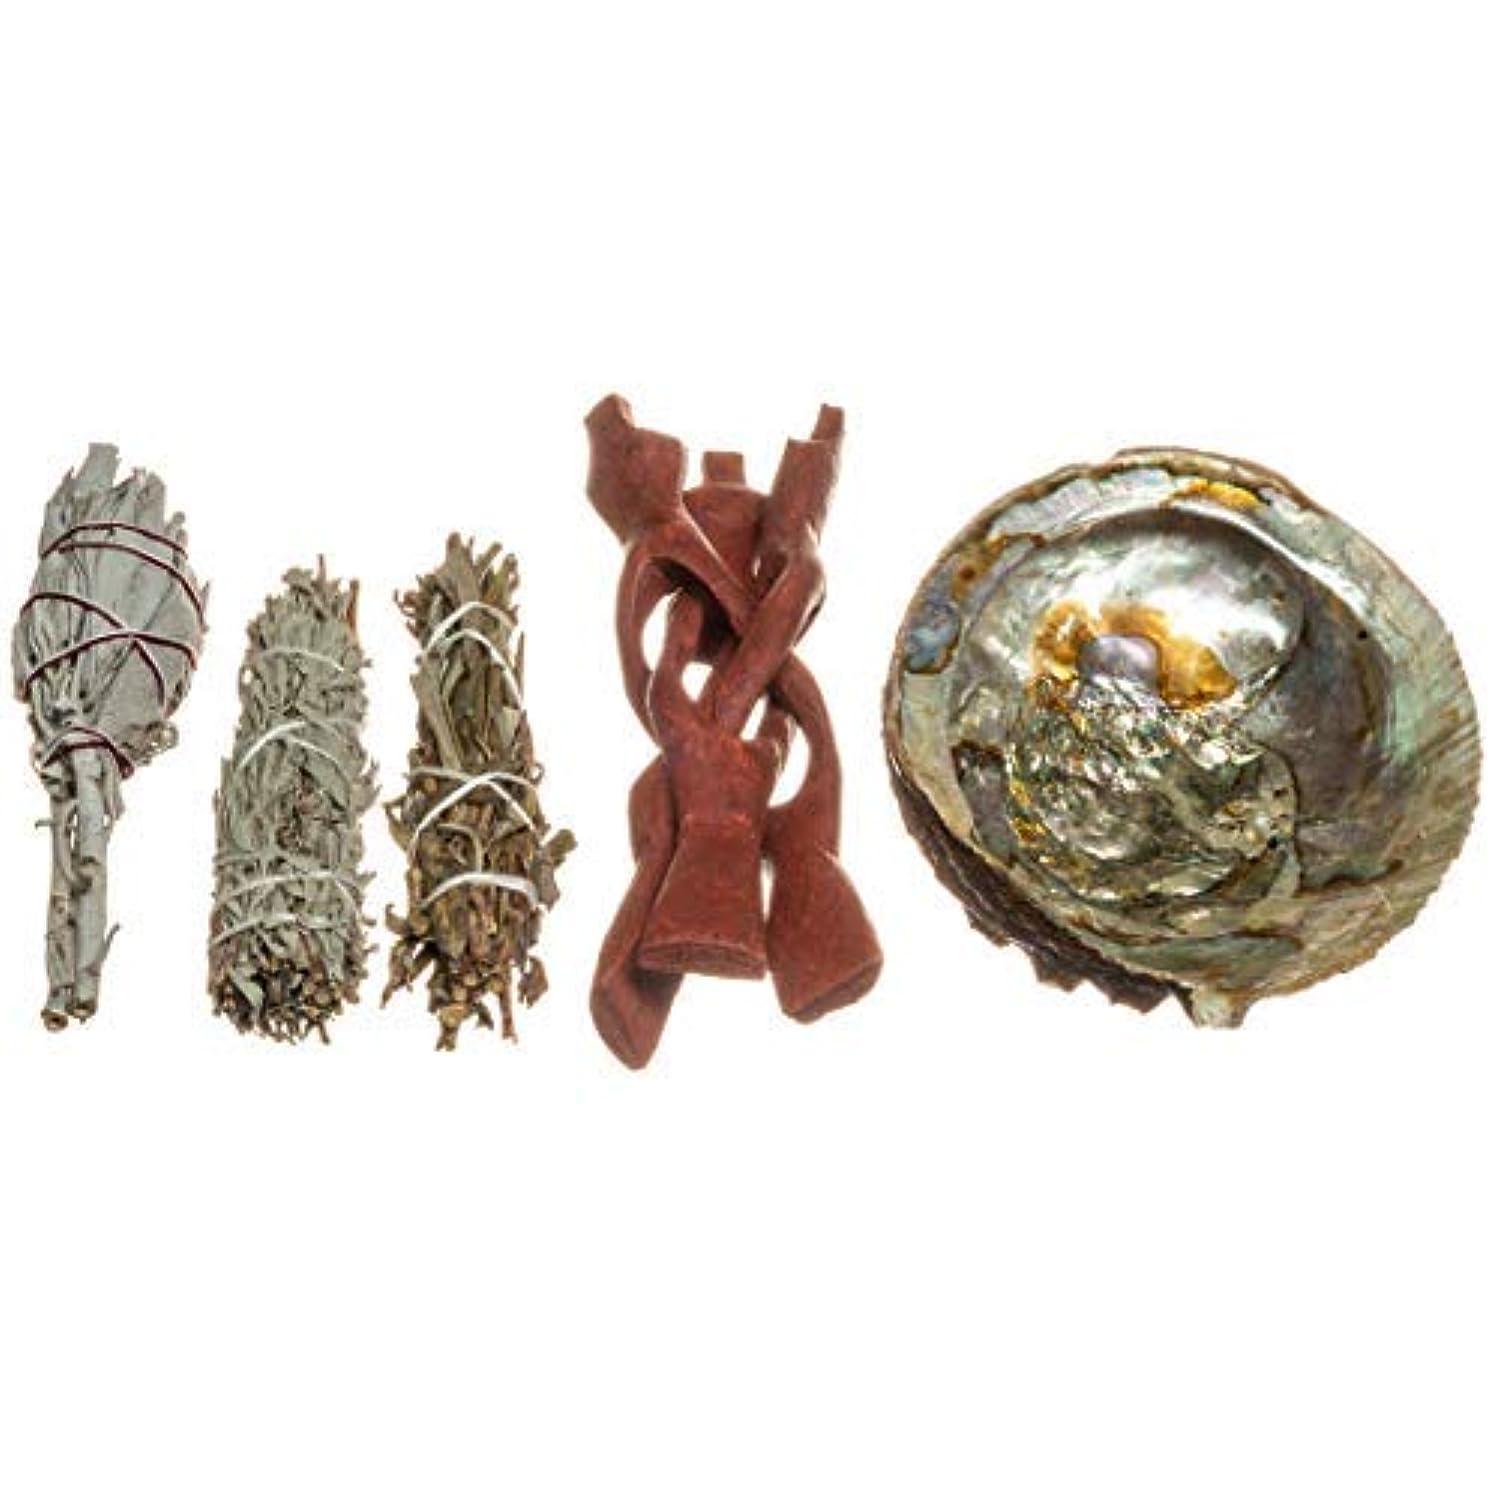 Abalone Smudge Kit | 光沢アバロン貝殻 5インチ - 6インチ | ホワイトトーチセージ、ブルーセージ、ブラックセージ | 3セージスマッジスティック | 1スタンド | スマッジツール | Joseph...